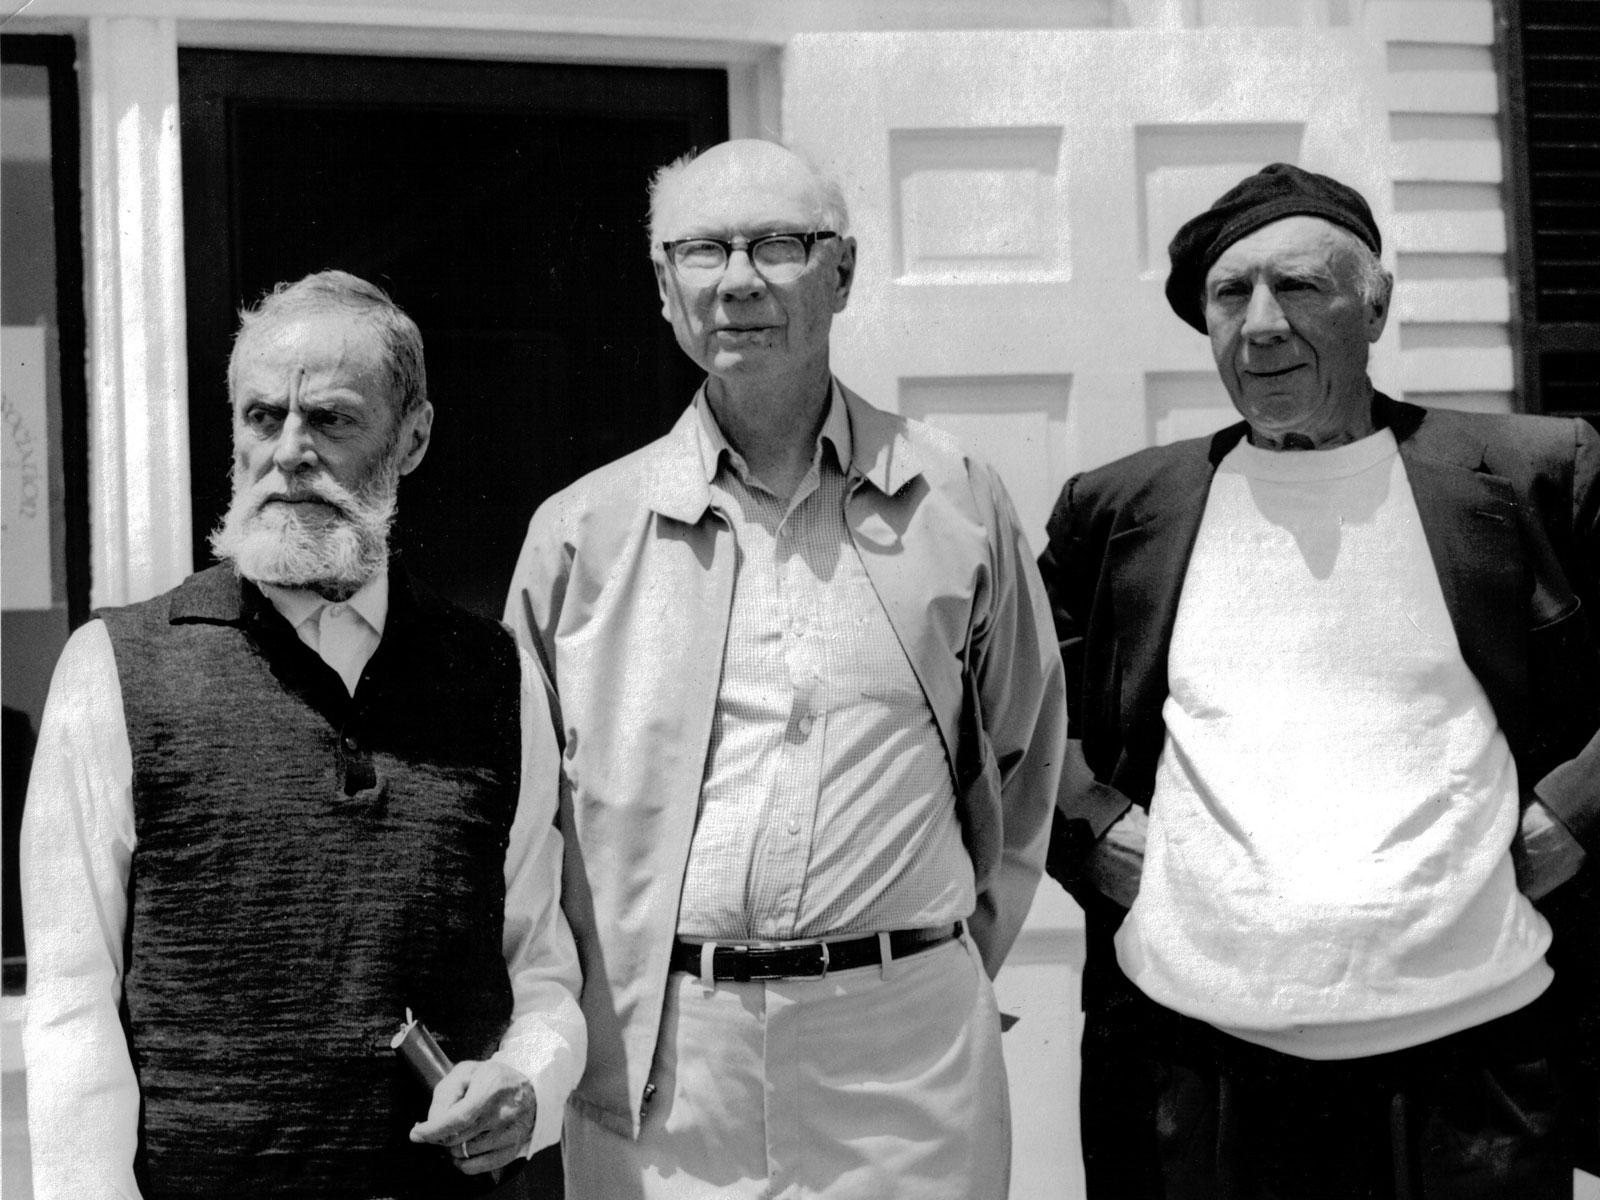 Dickinson, Moffett, Knaths